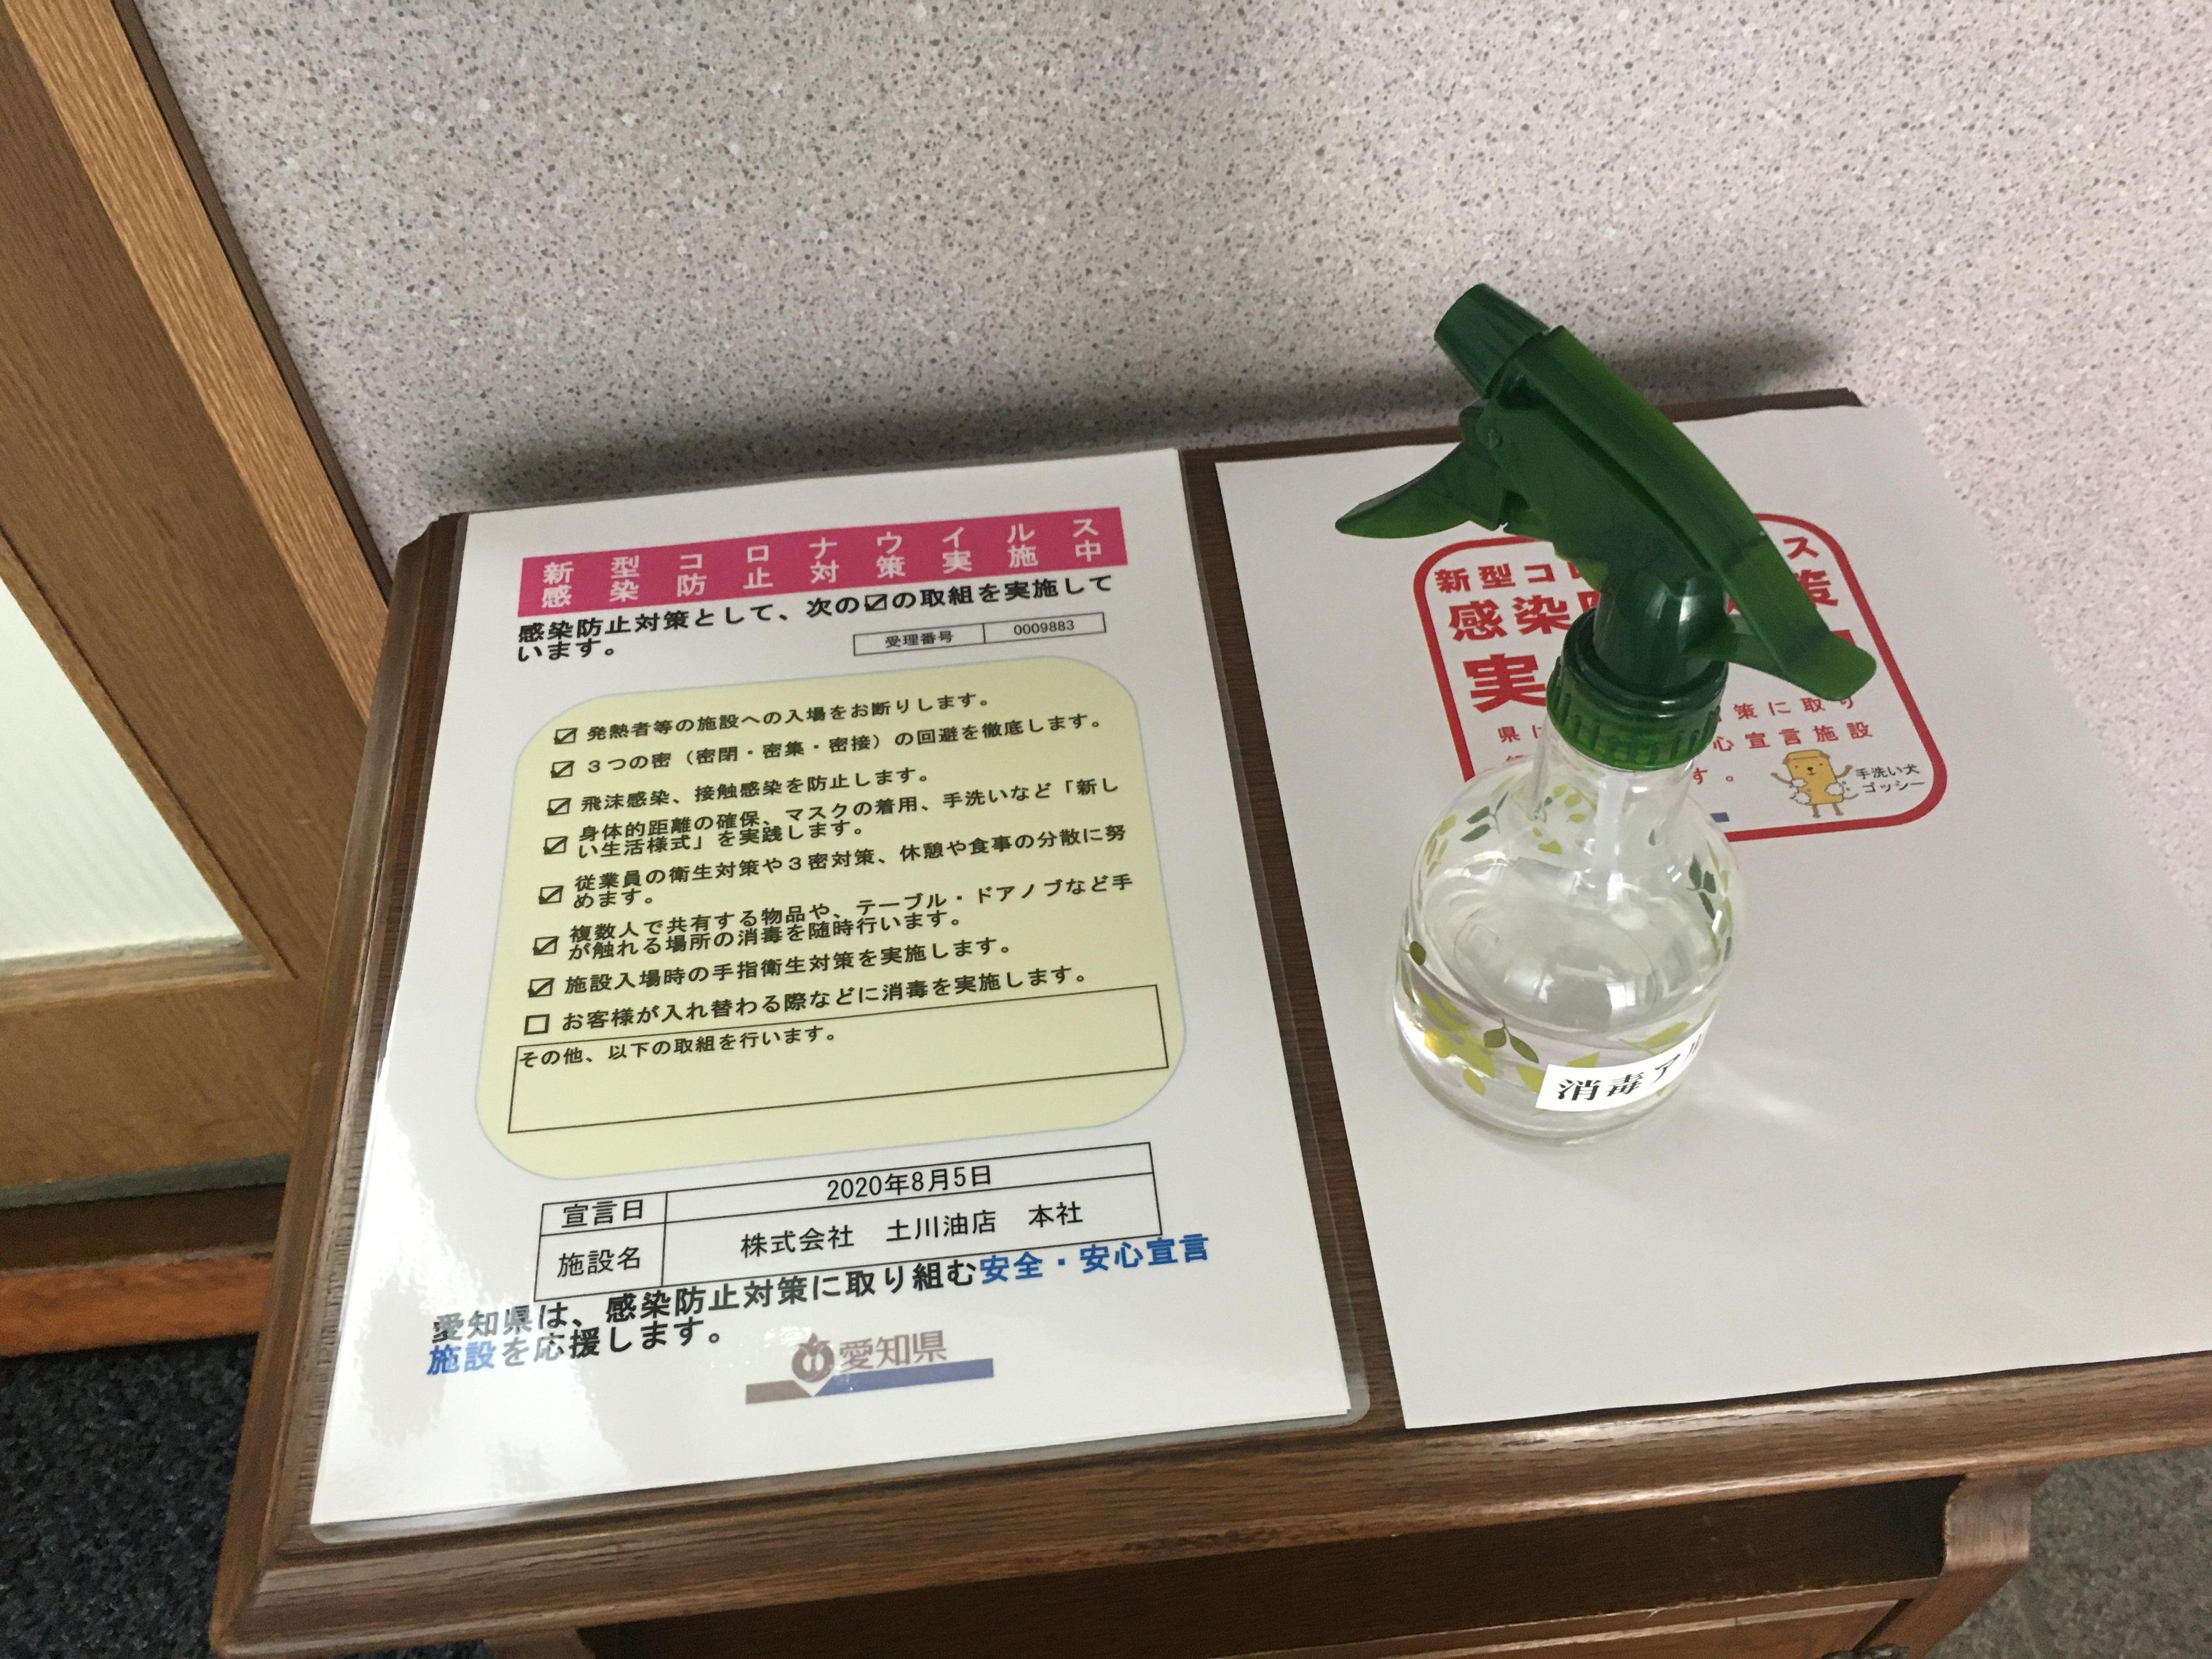 ウイルス 県 コロナ 感染 愛知